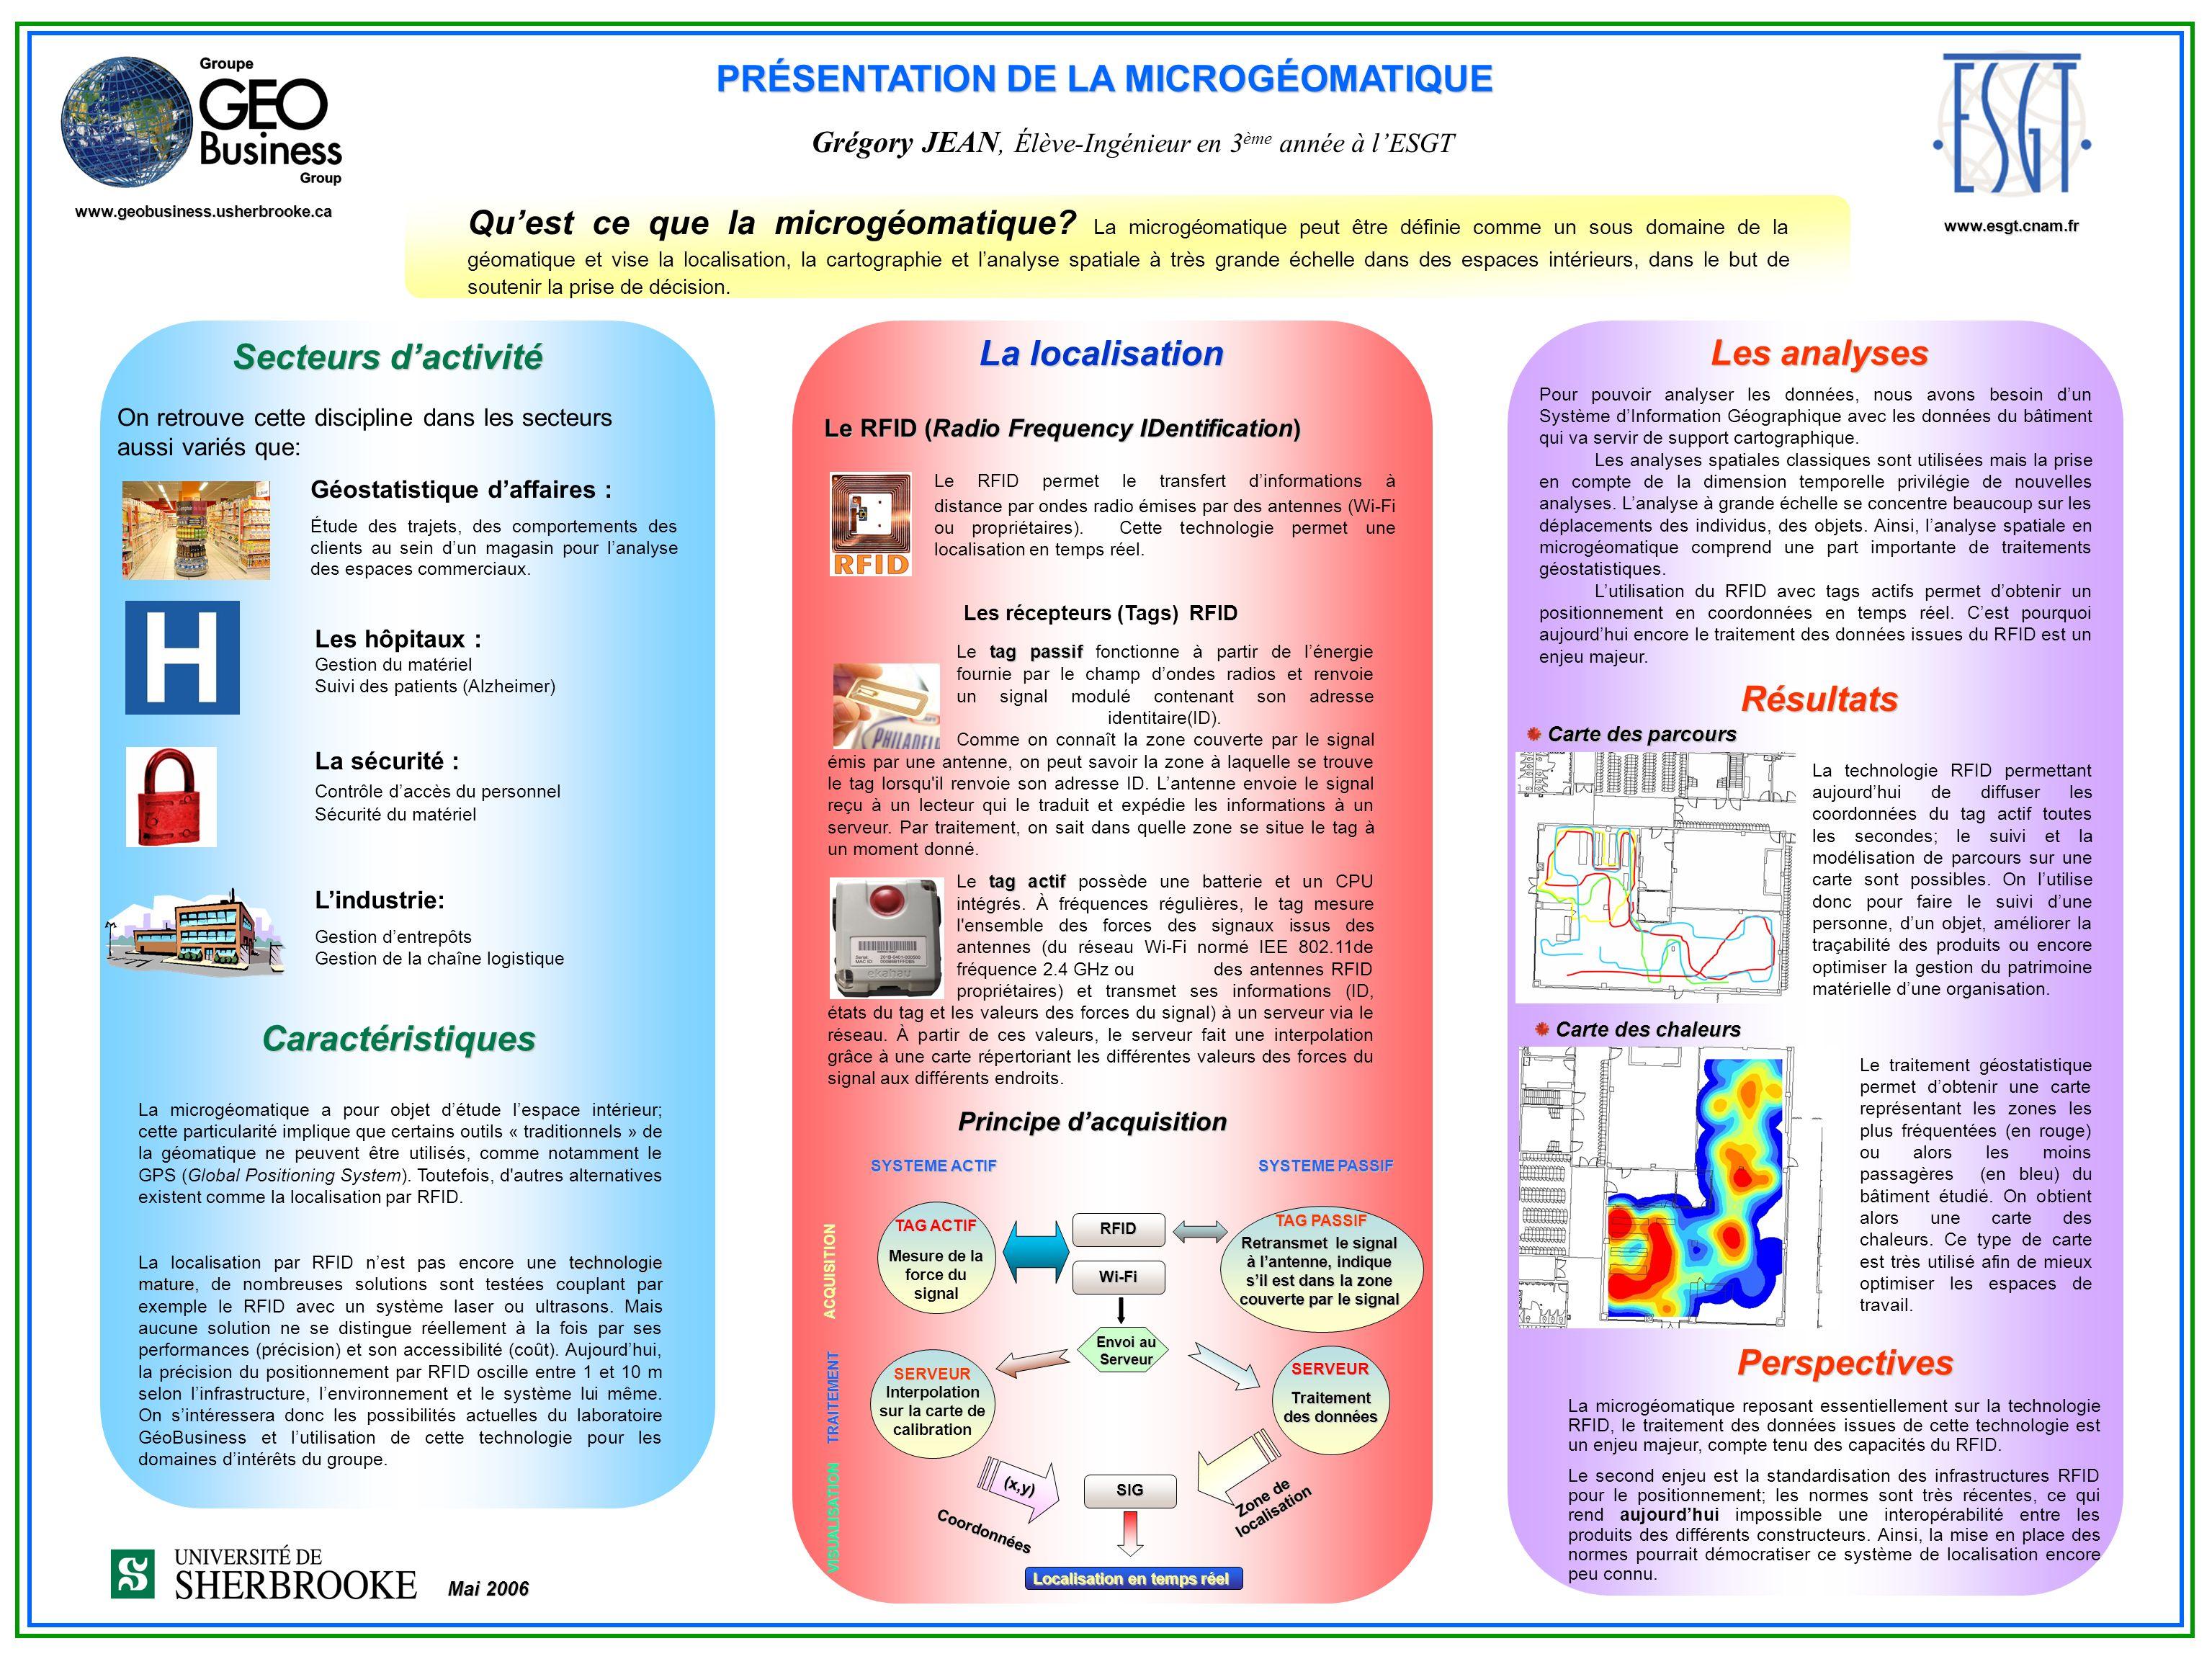 PRÉSENTATION DE LA MICROGÉOMATIQUE